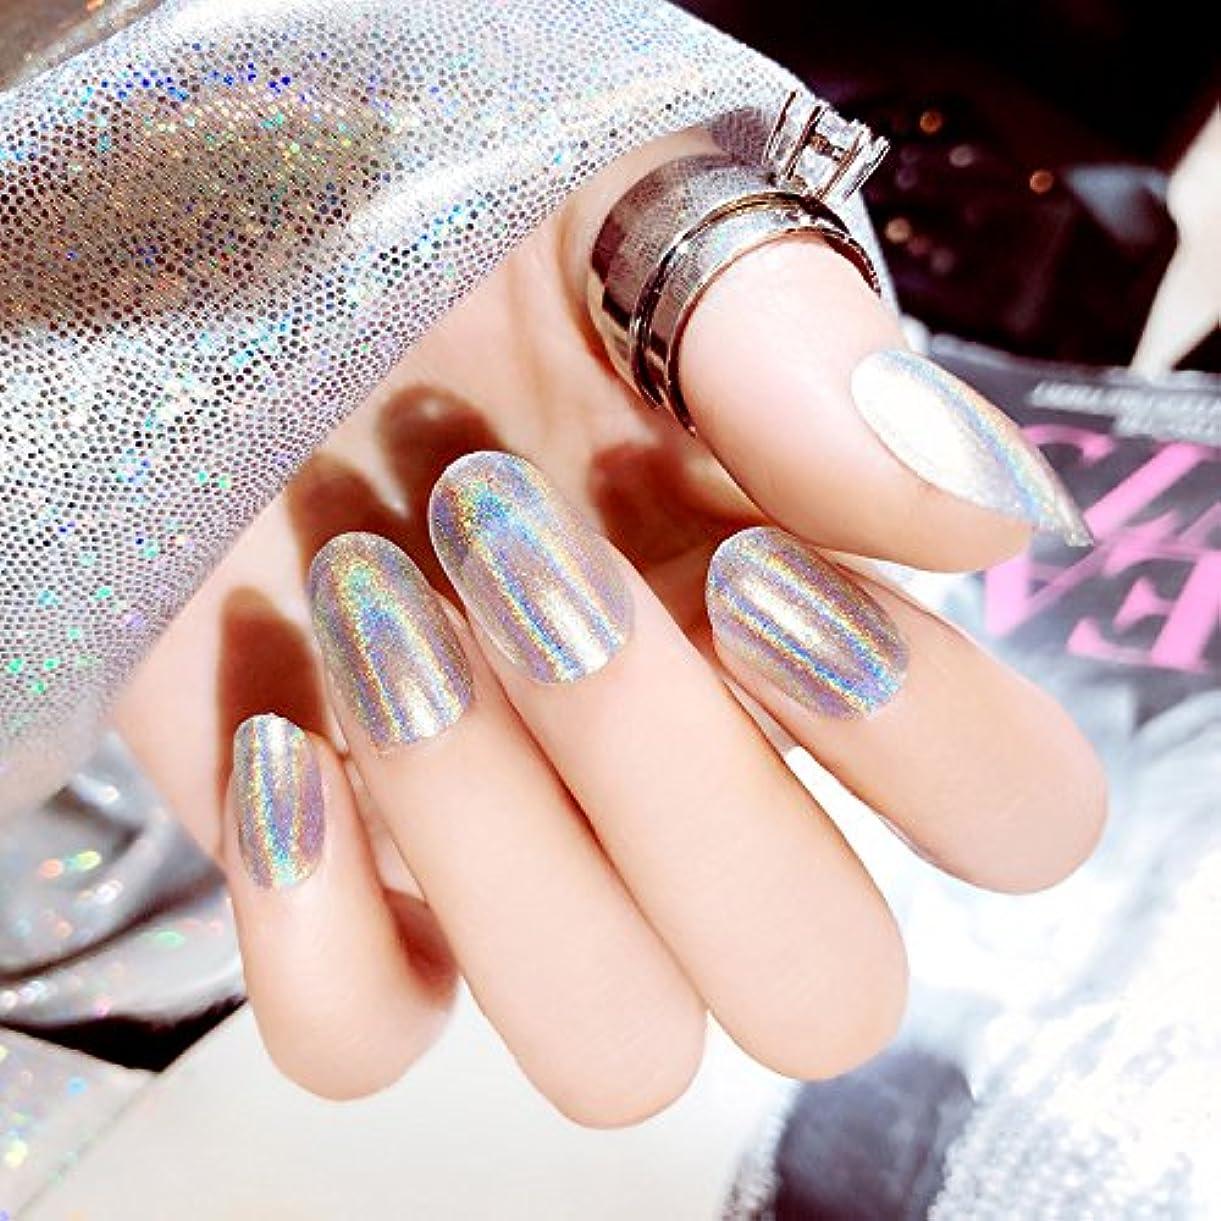 質感 彩がつく 24枚純色付け爪 ネイル貼るだけネイルチップ レーザー 多重光沢 お花嫁付け爪 ジェルネイルの光疗法 シンフォニー (輝くシルバー)